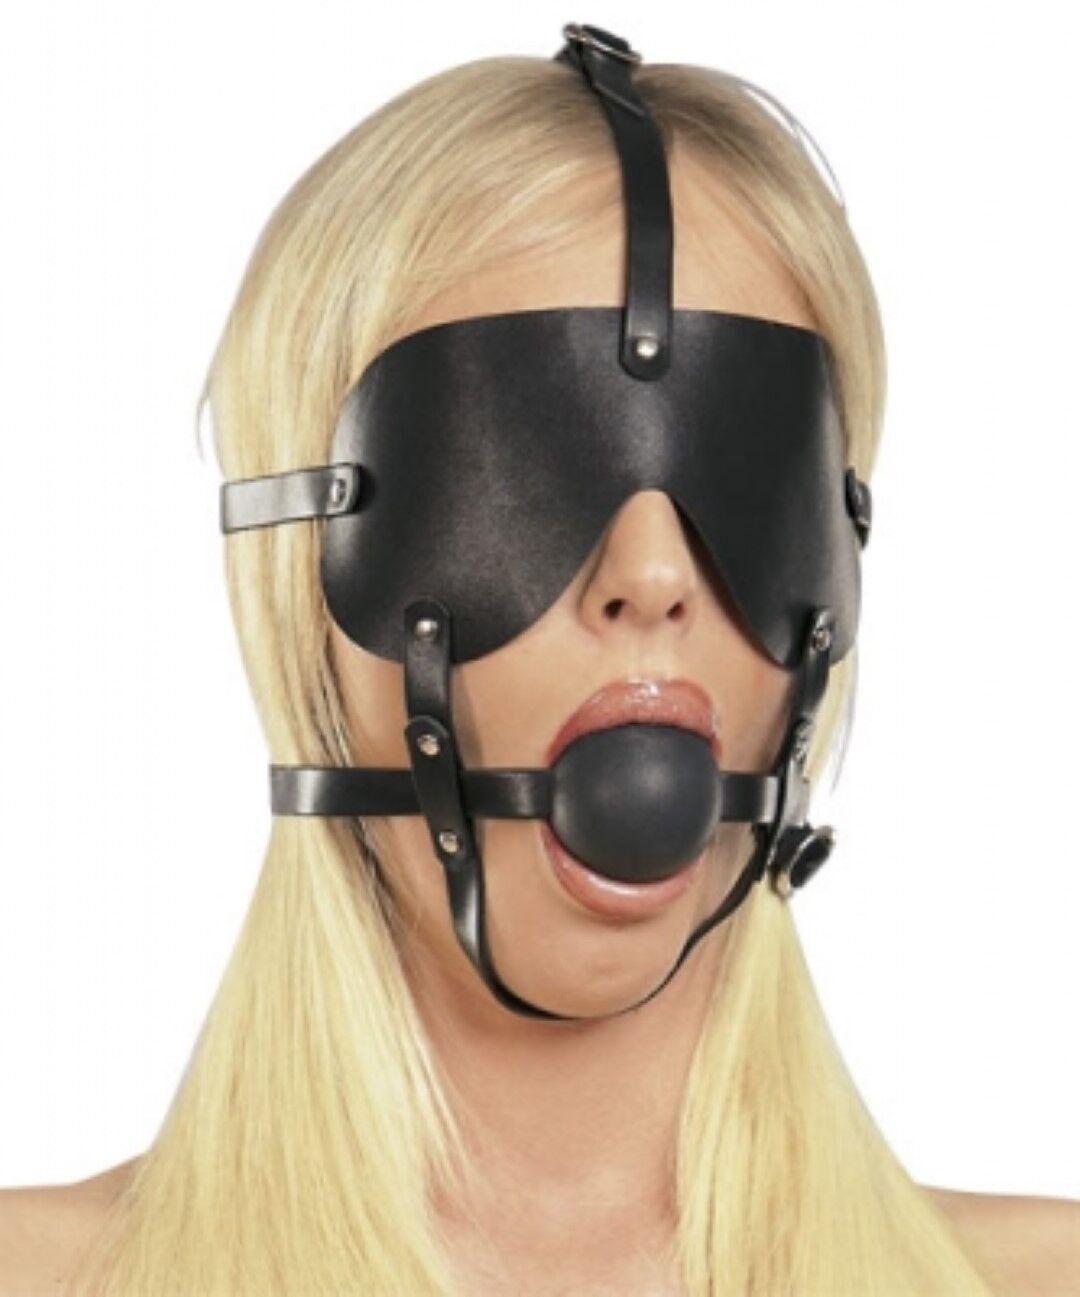 Bondage Kopfgeschirr Ball Mund Knebel 45mm schwarz Mundknebel Augenbinde Maske